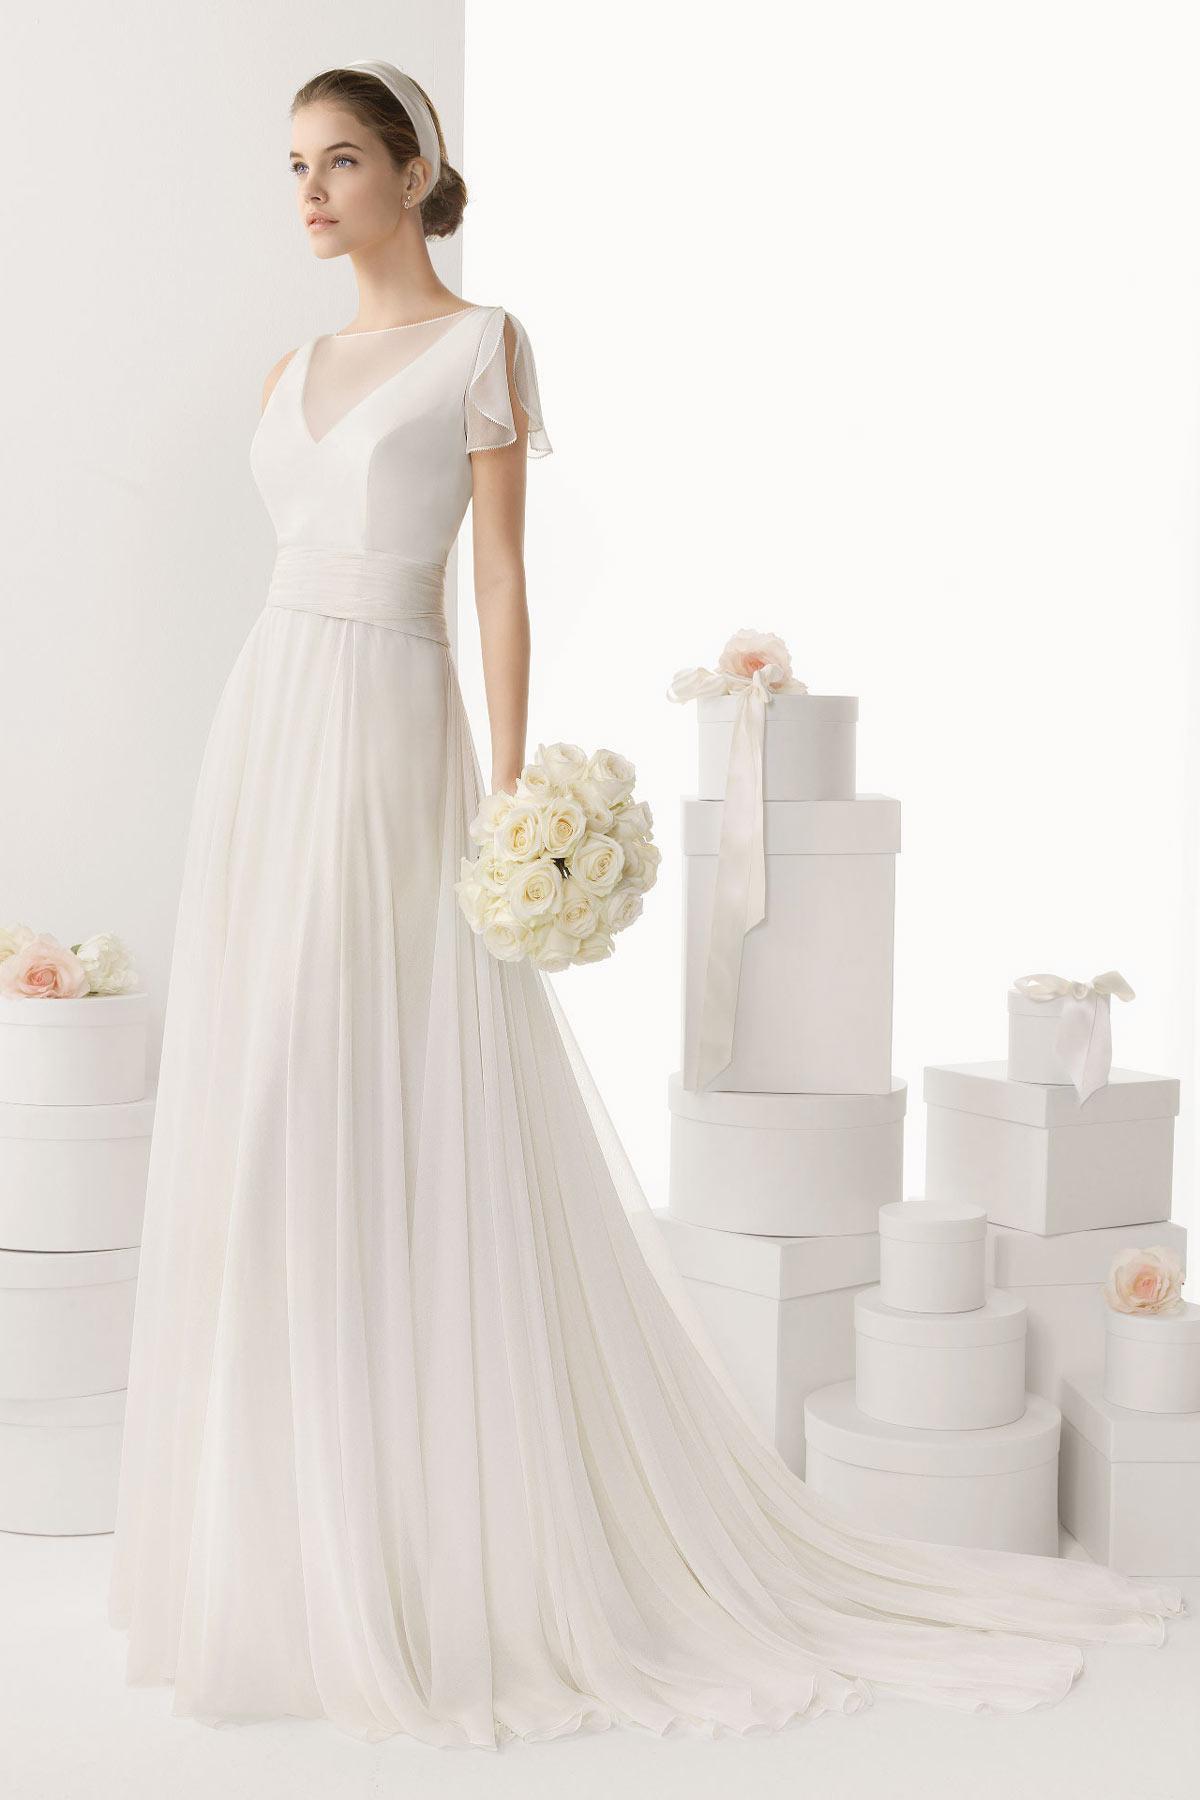 de mariée Robe de mariée 2015 Simple Robe de mariée à coupe fluide ...